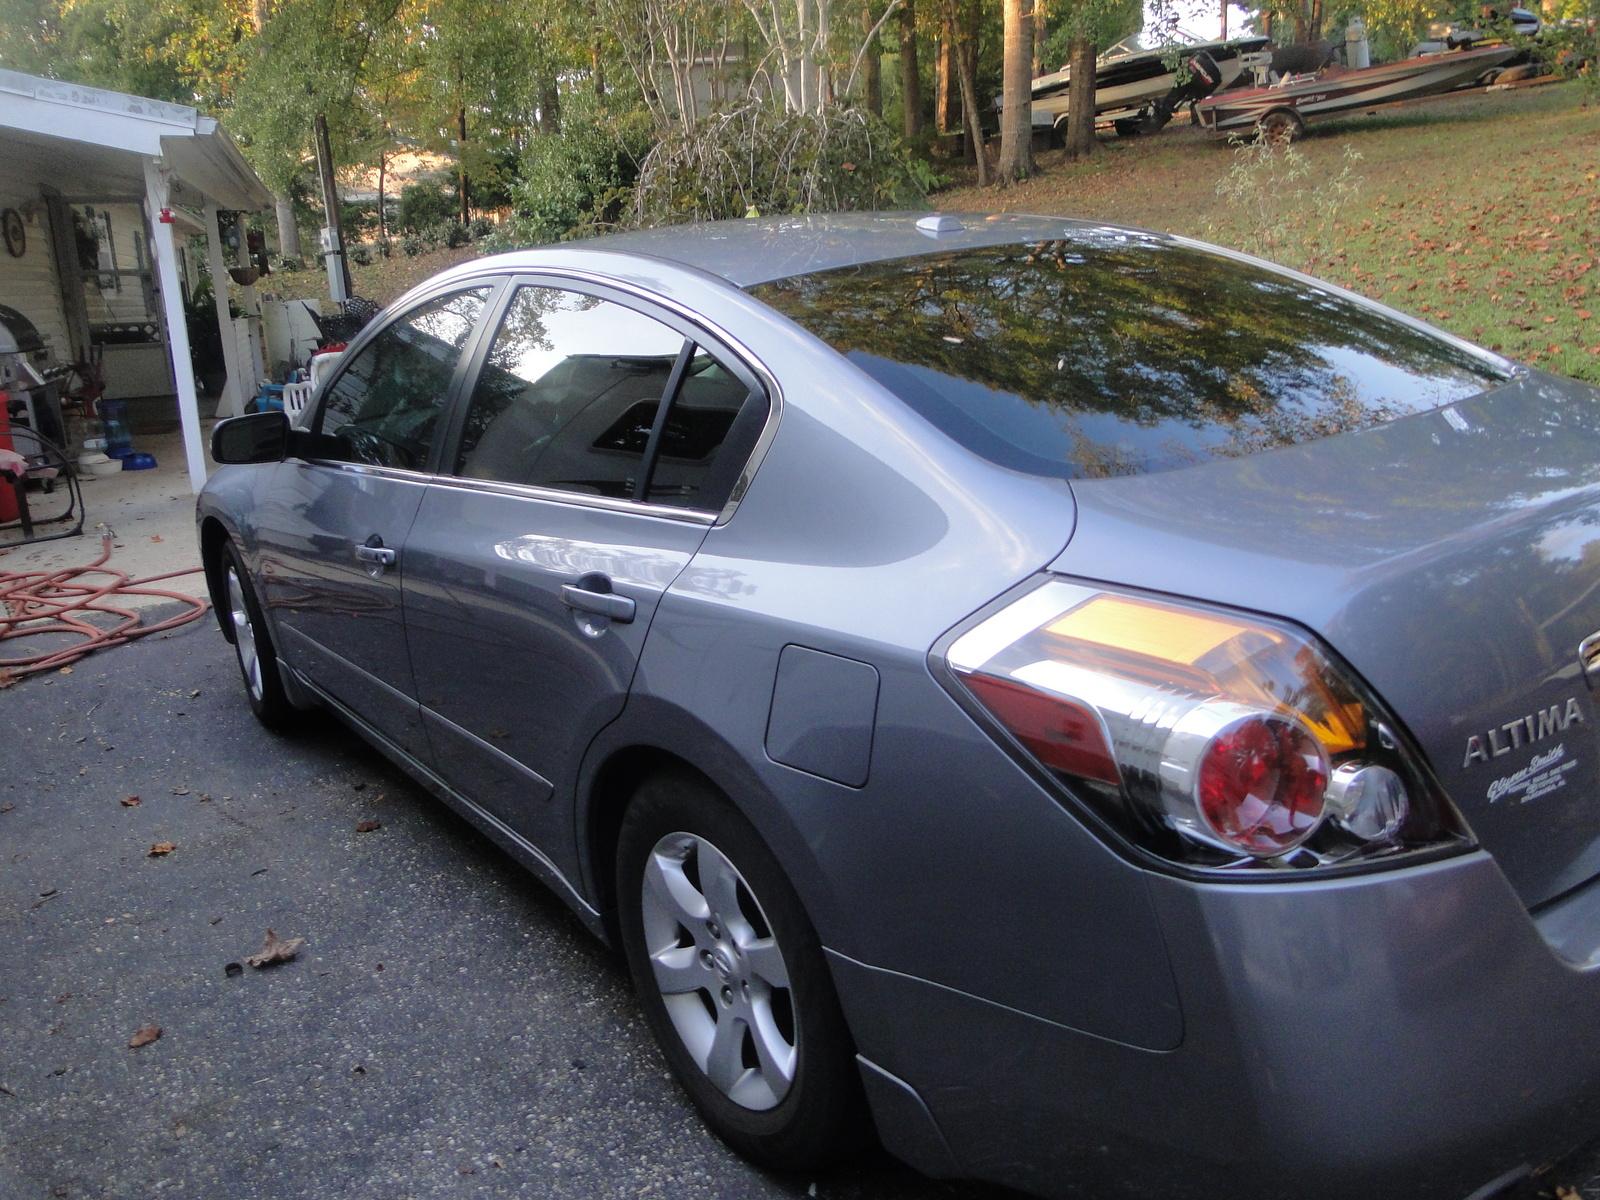 2008 Nissan Altima Exterior Pictures Cargurus